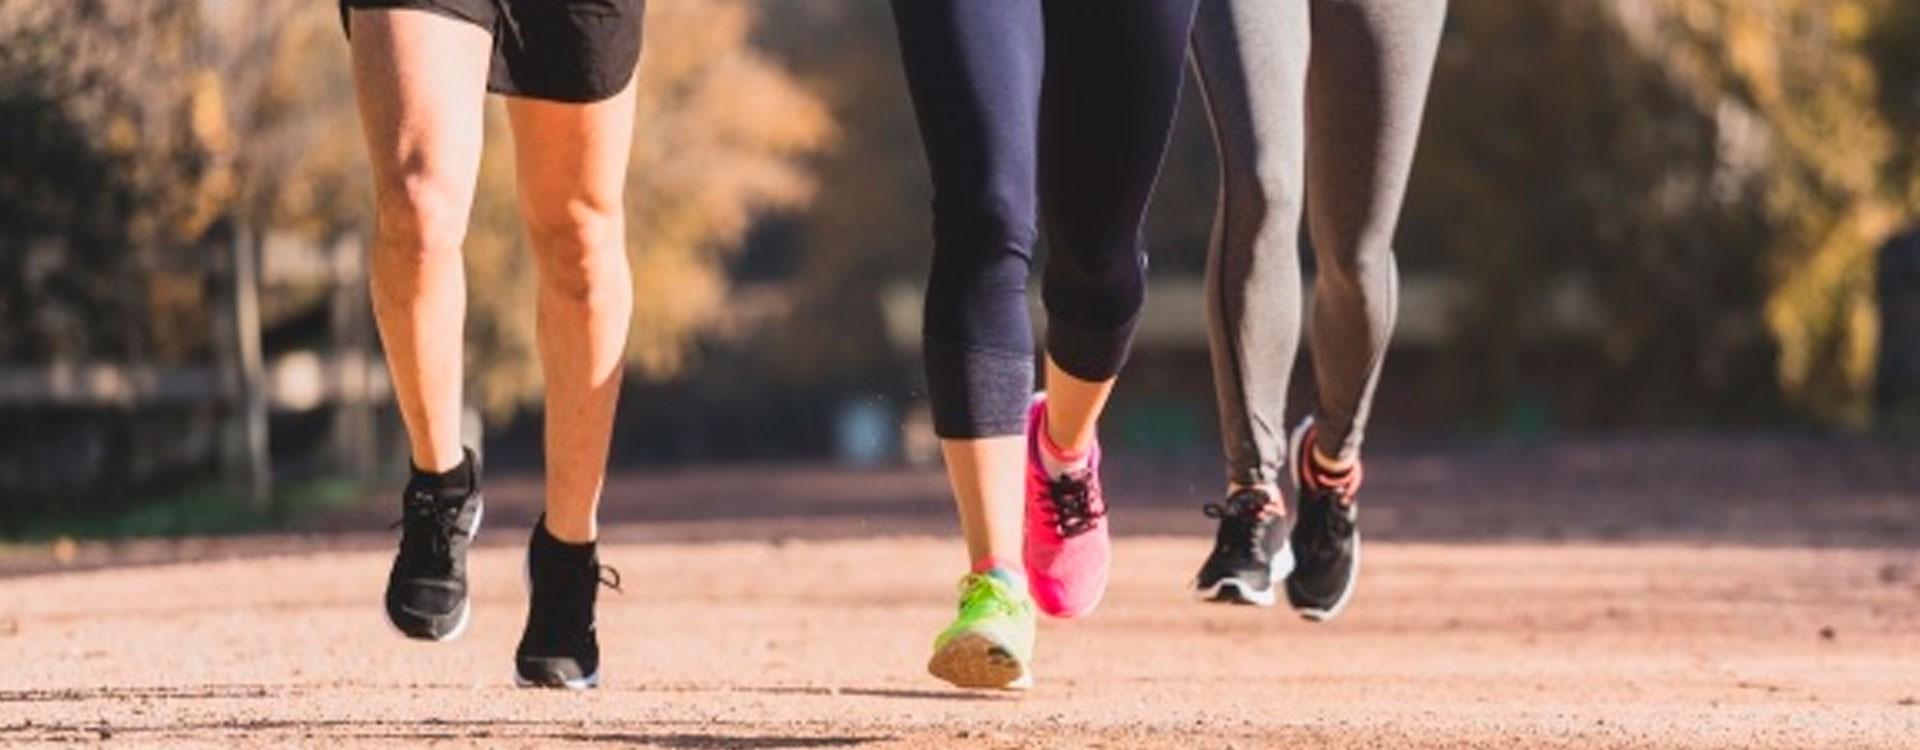 Suplementos para corredores